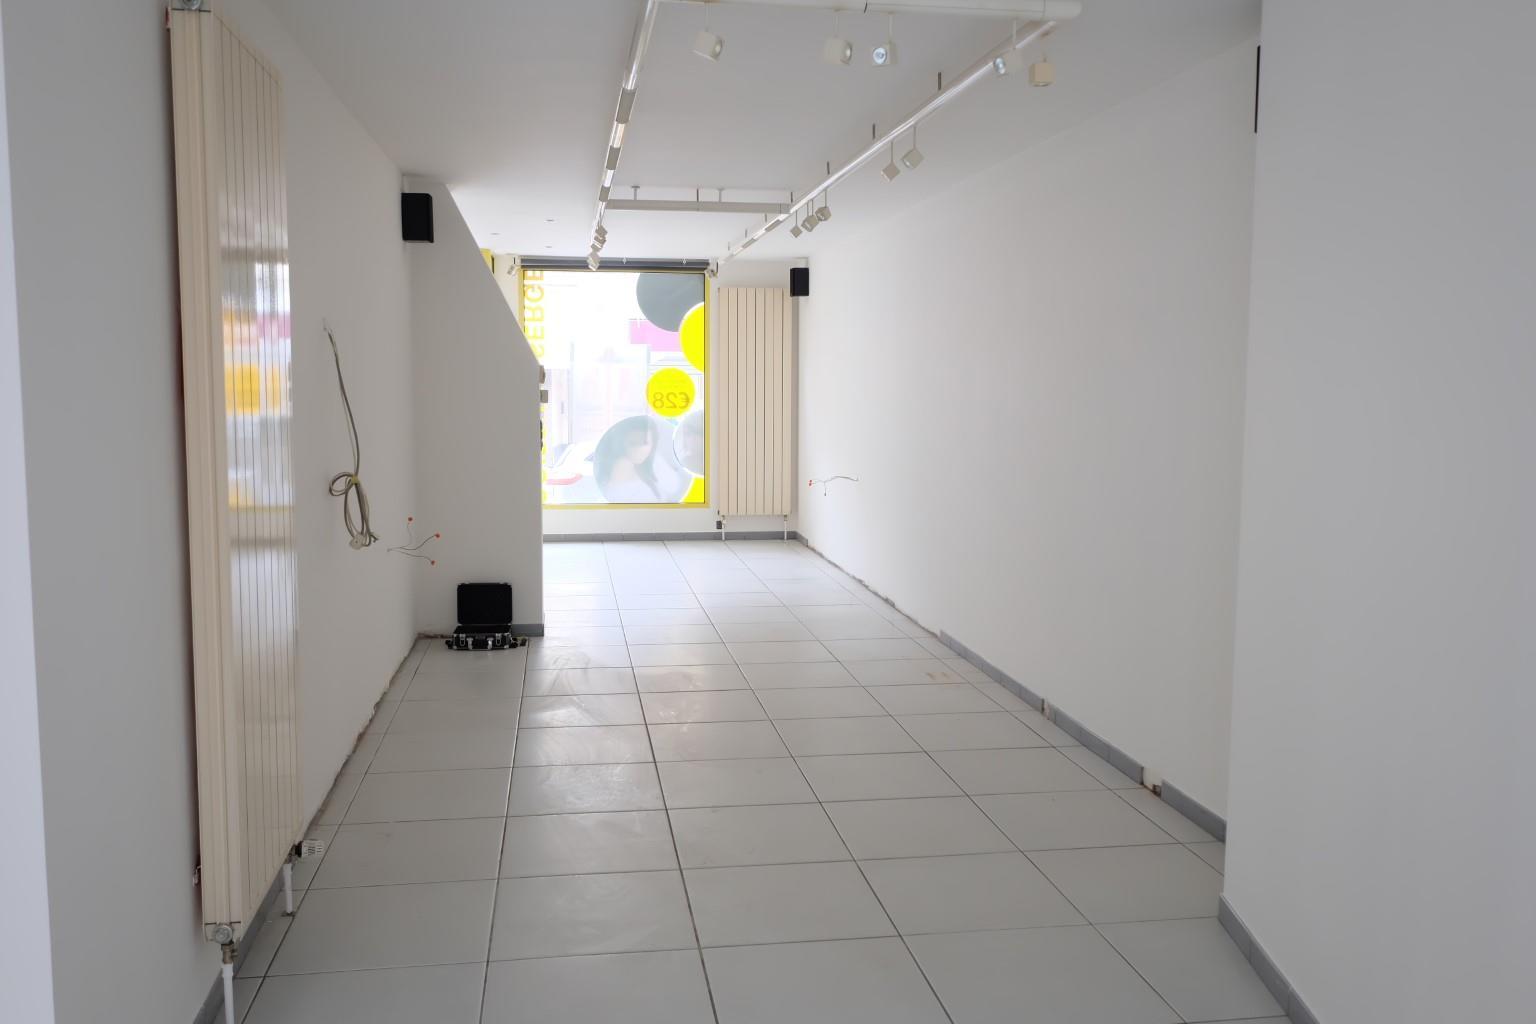 Rez commercial - Tubize - #3009989-0